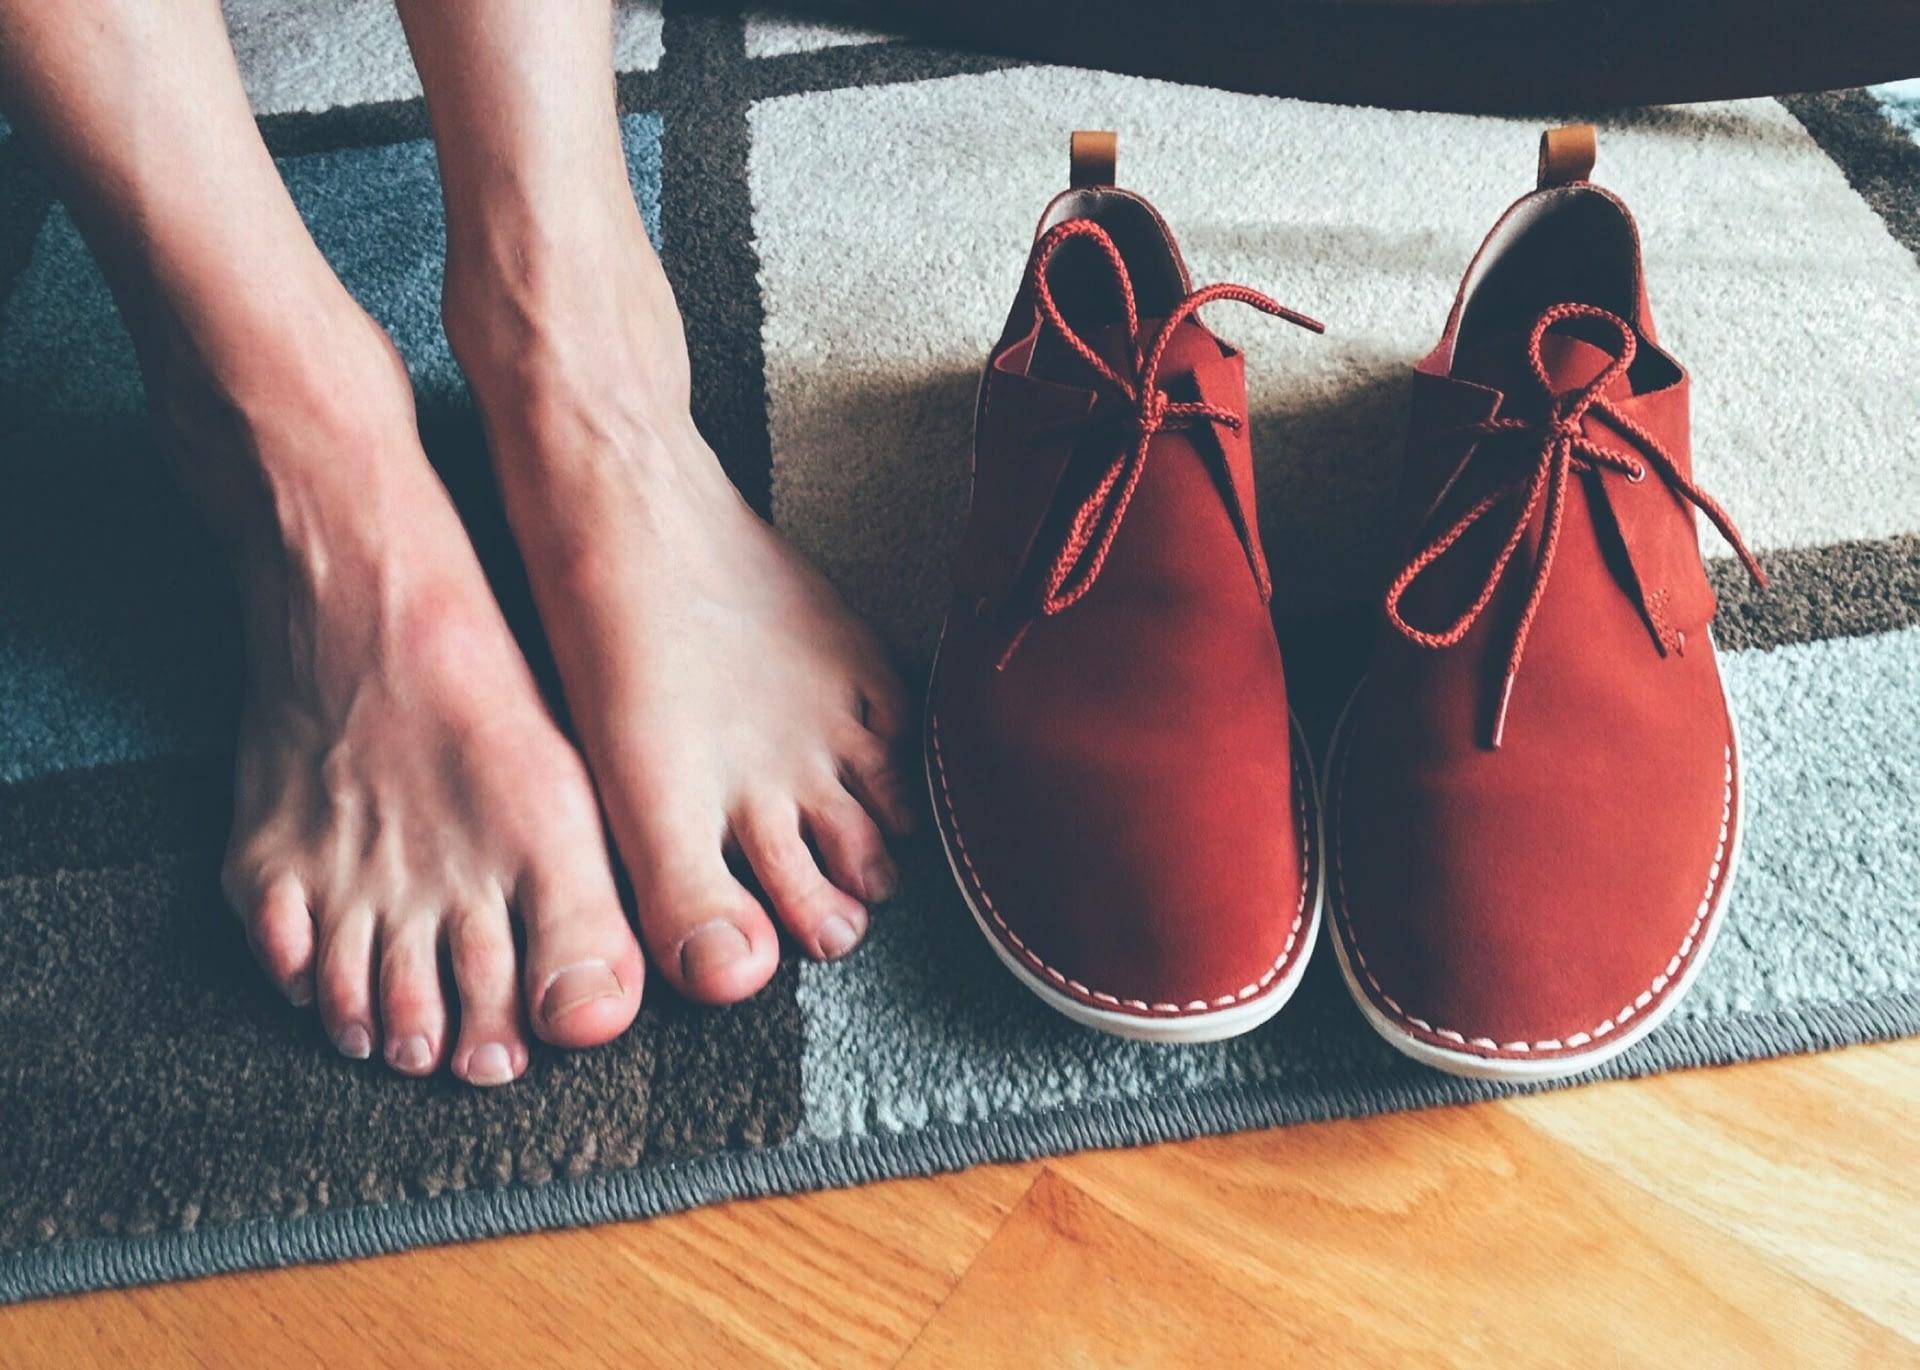 Flat Feet - Pes Planus